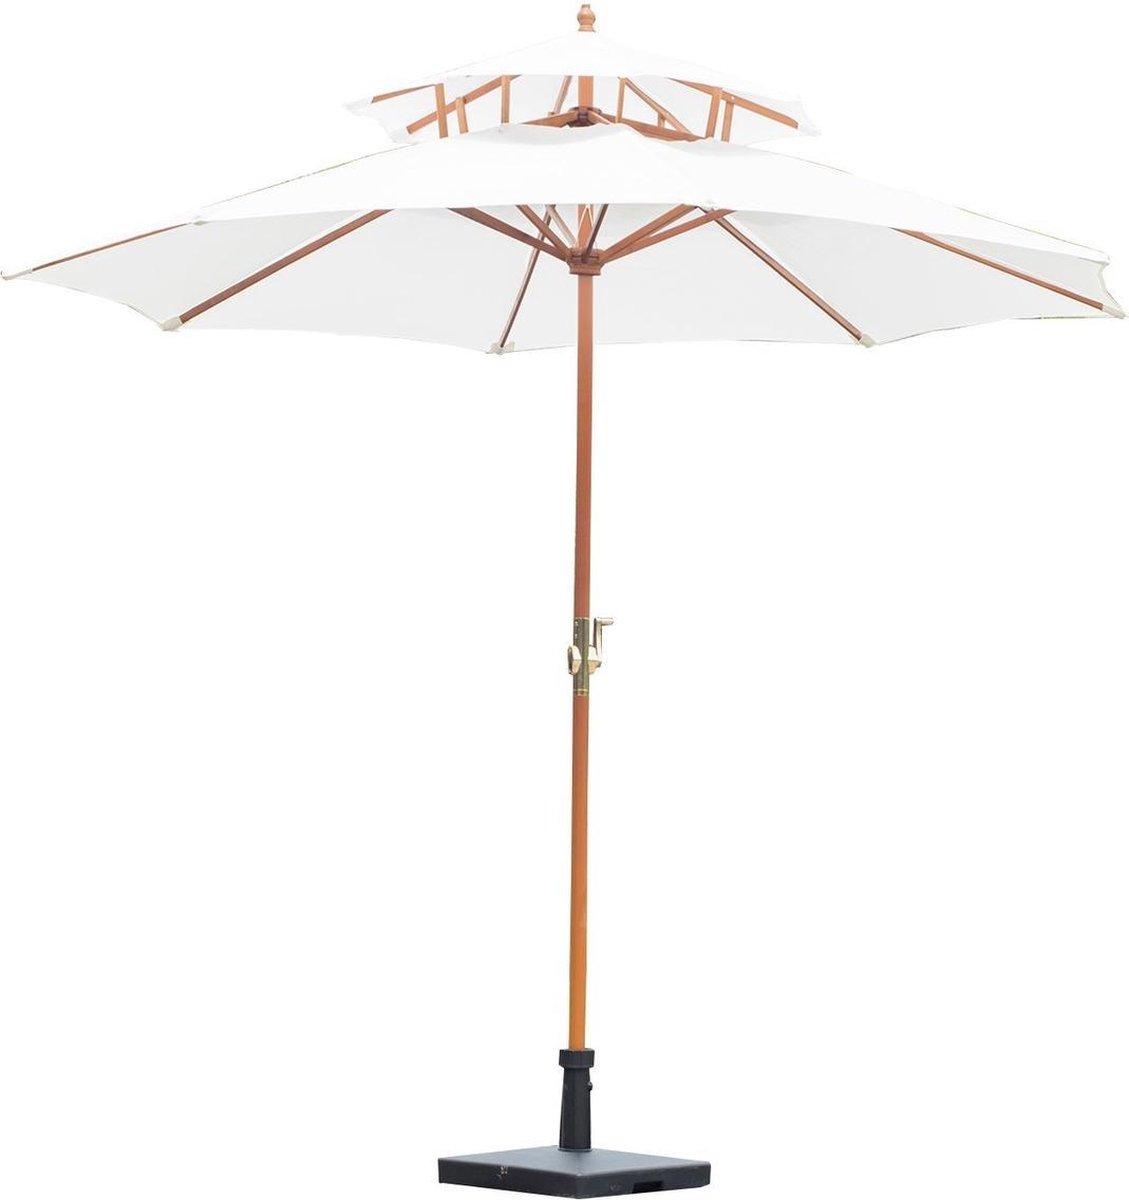 Parasol - Zonnescherm - Met dubbelscherm - Met handslinger - Bamboe - 270 cm - Creme - Bamboe